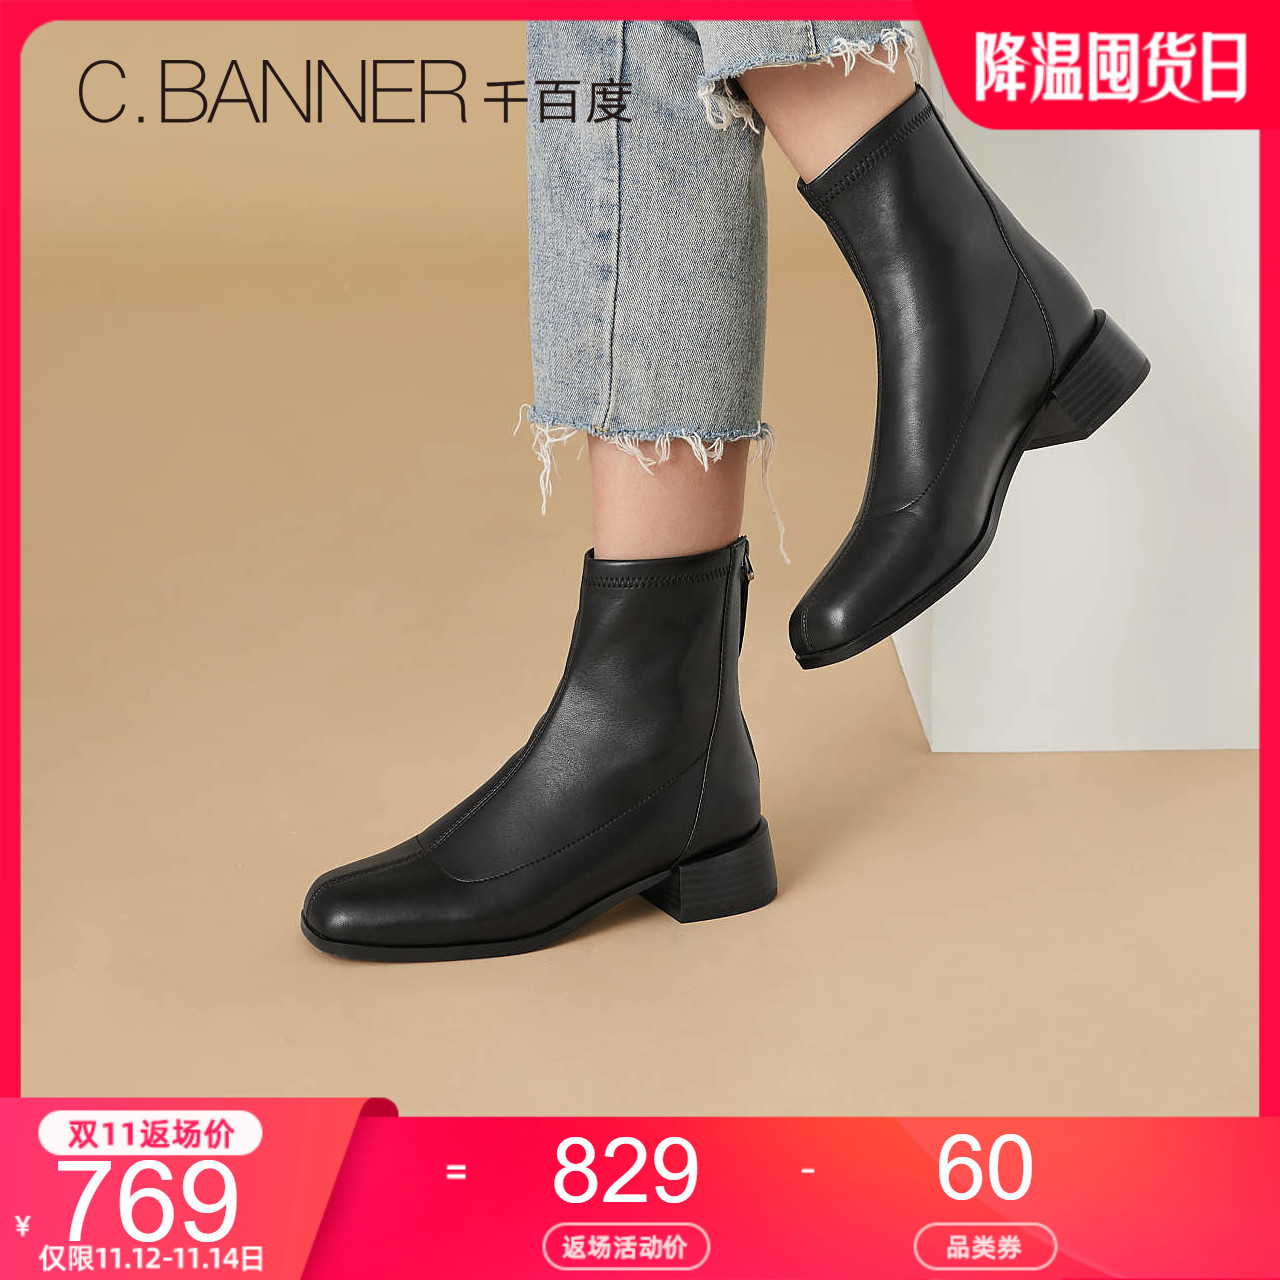 新款女靴中跟短靴2020千百度女鞋简约气质时装靴姐推荐K预售